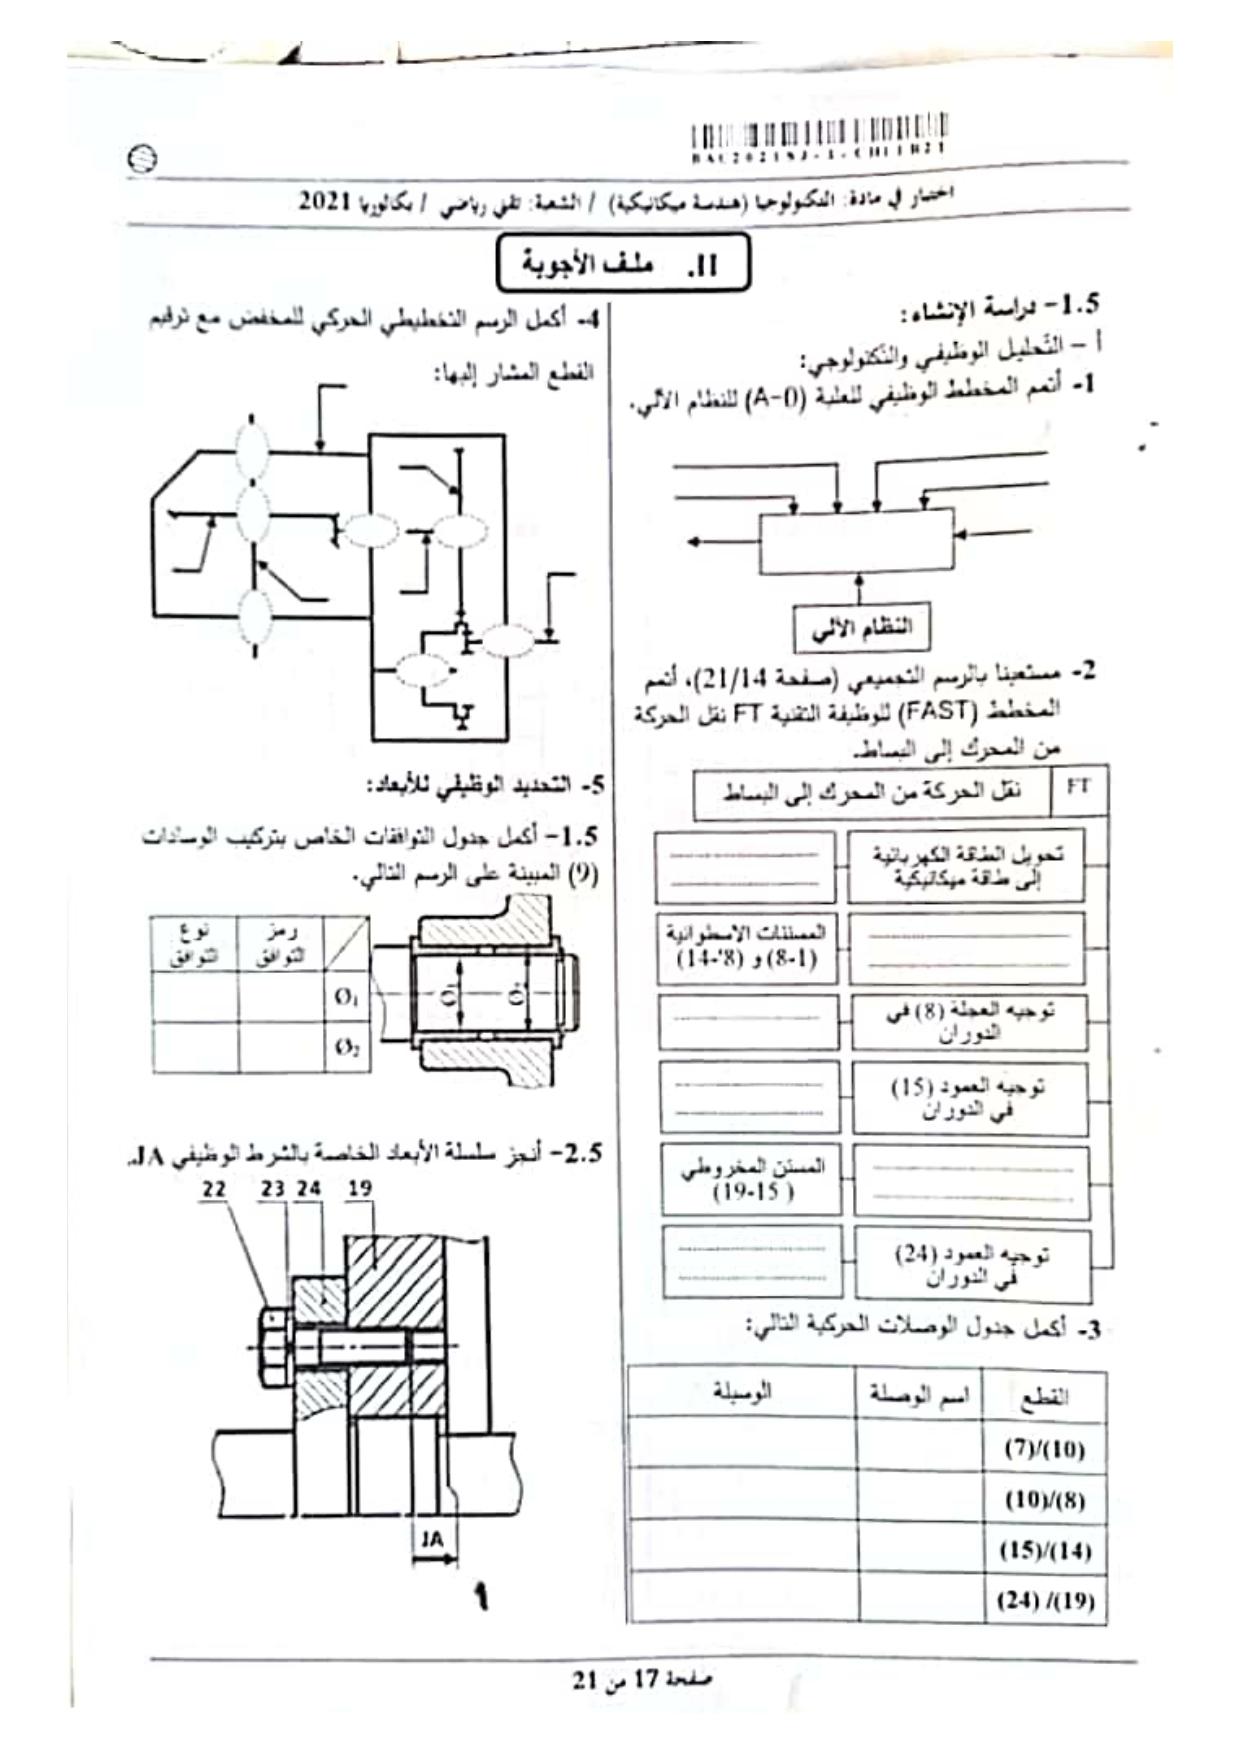 موضوع الهندسة الميكانيكية بكالوريا 2021 شعبة تقني رياضي